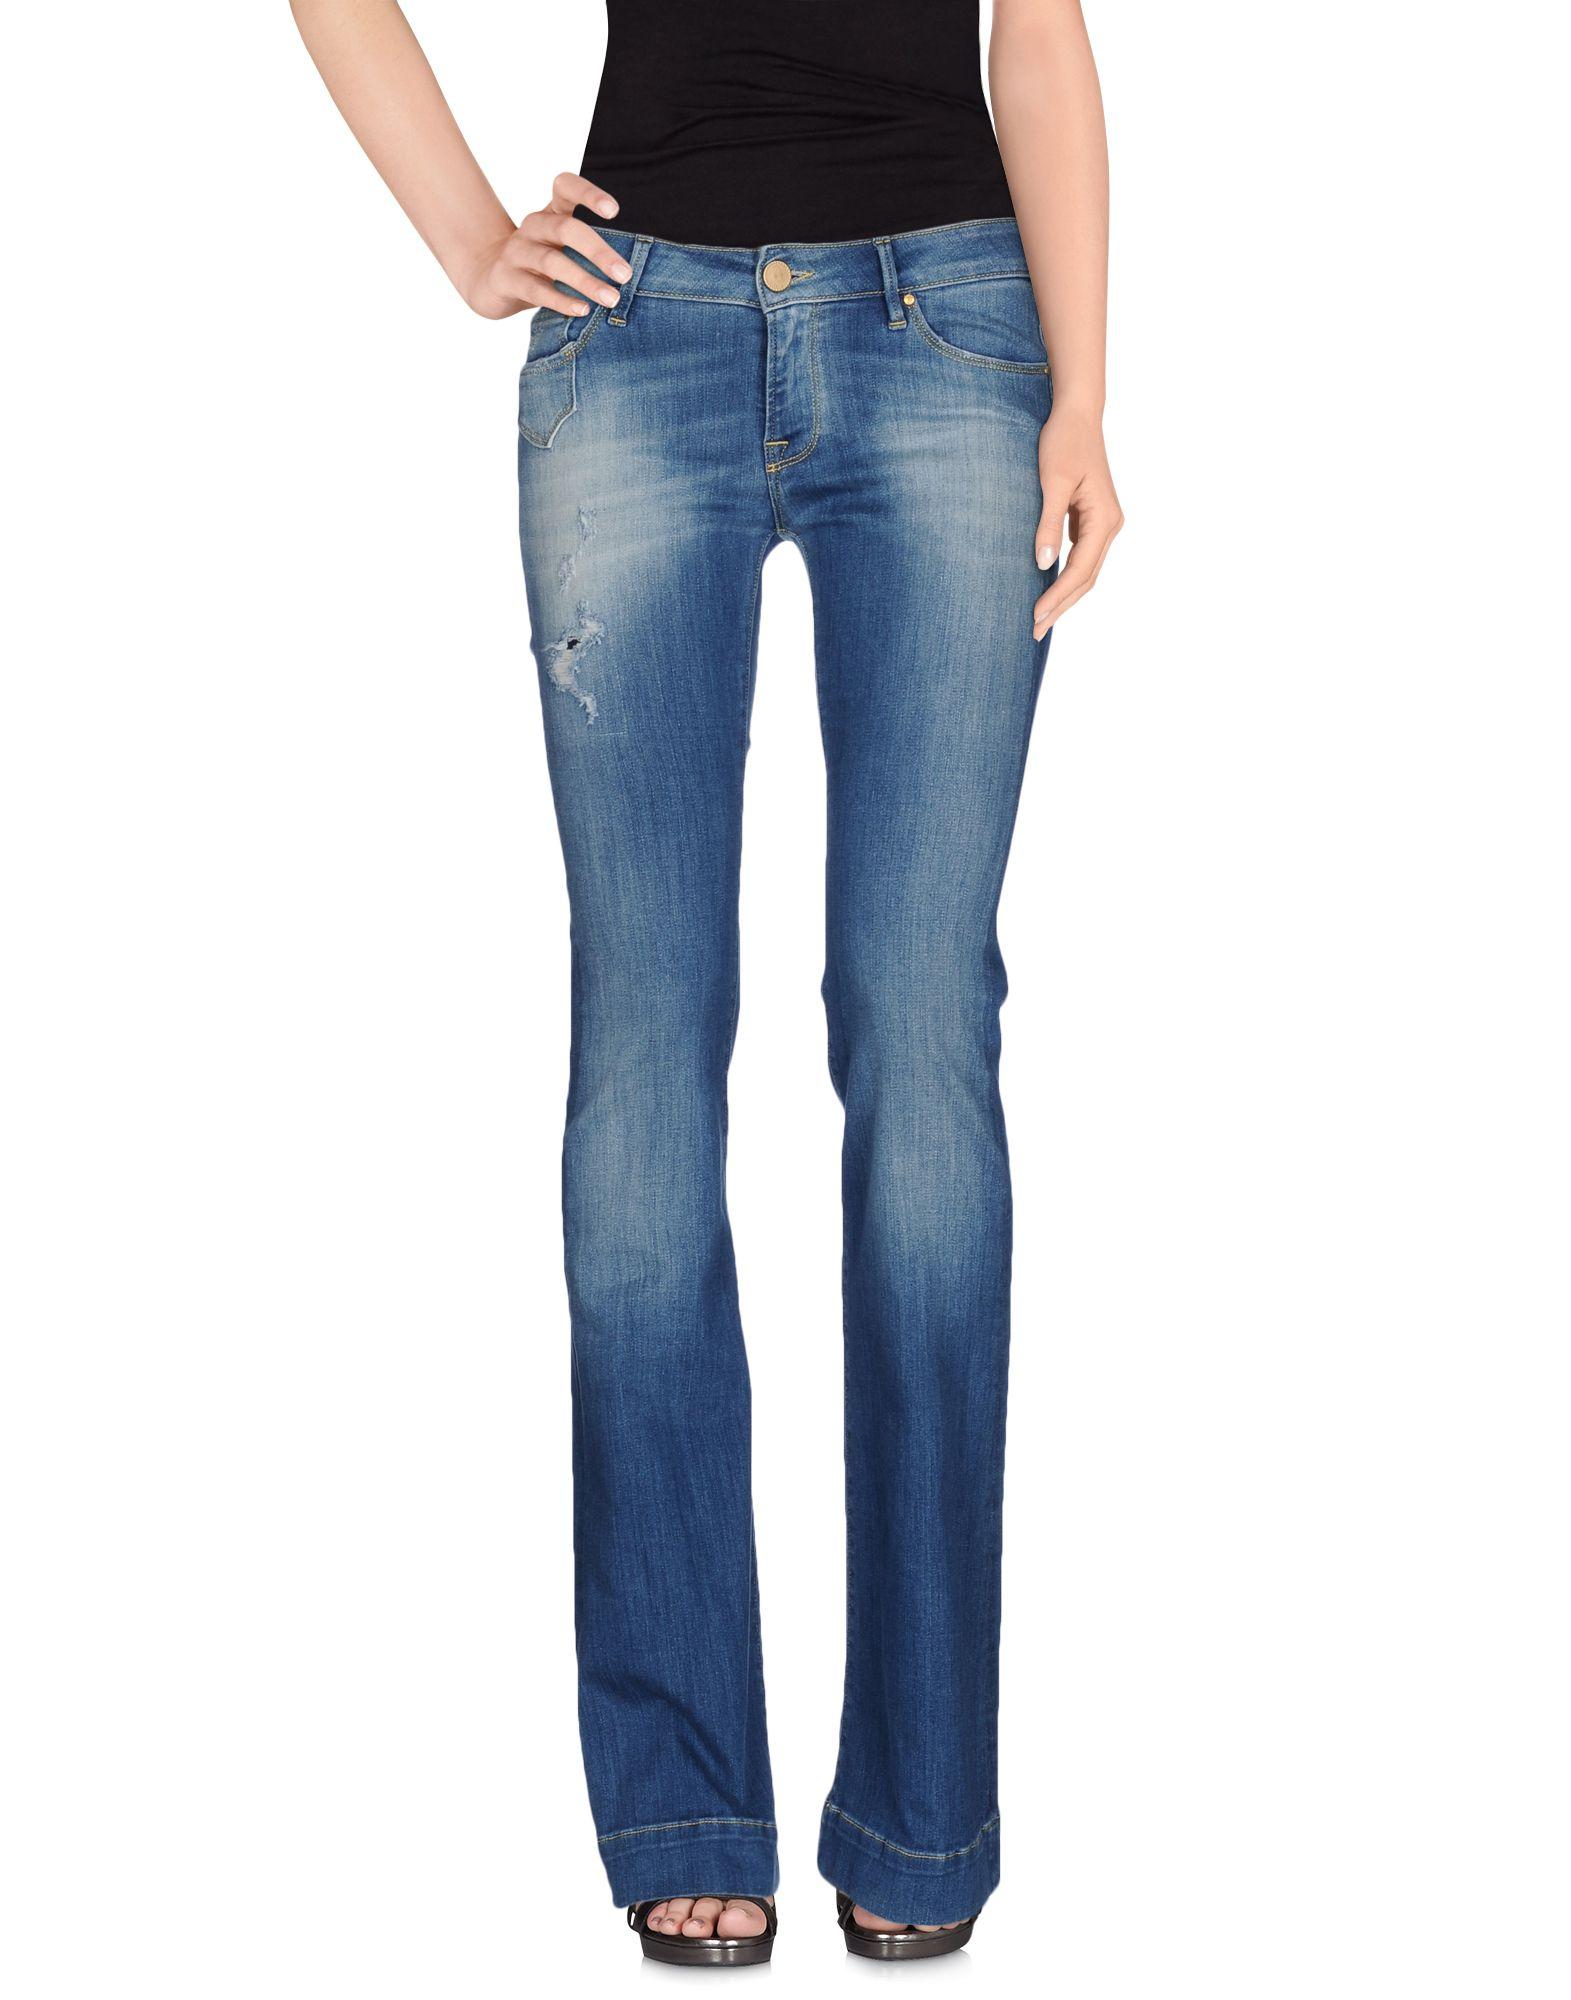 цены на DON'T CRY Джинсовые брюки в интернет-магазинах